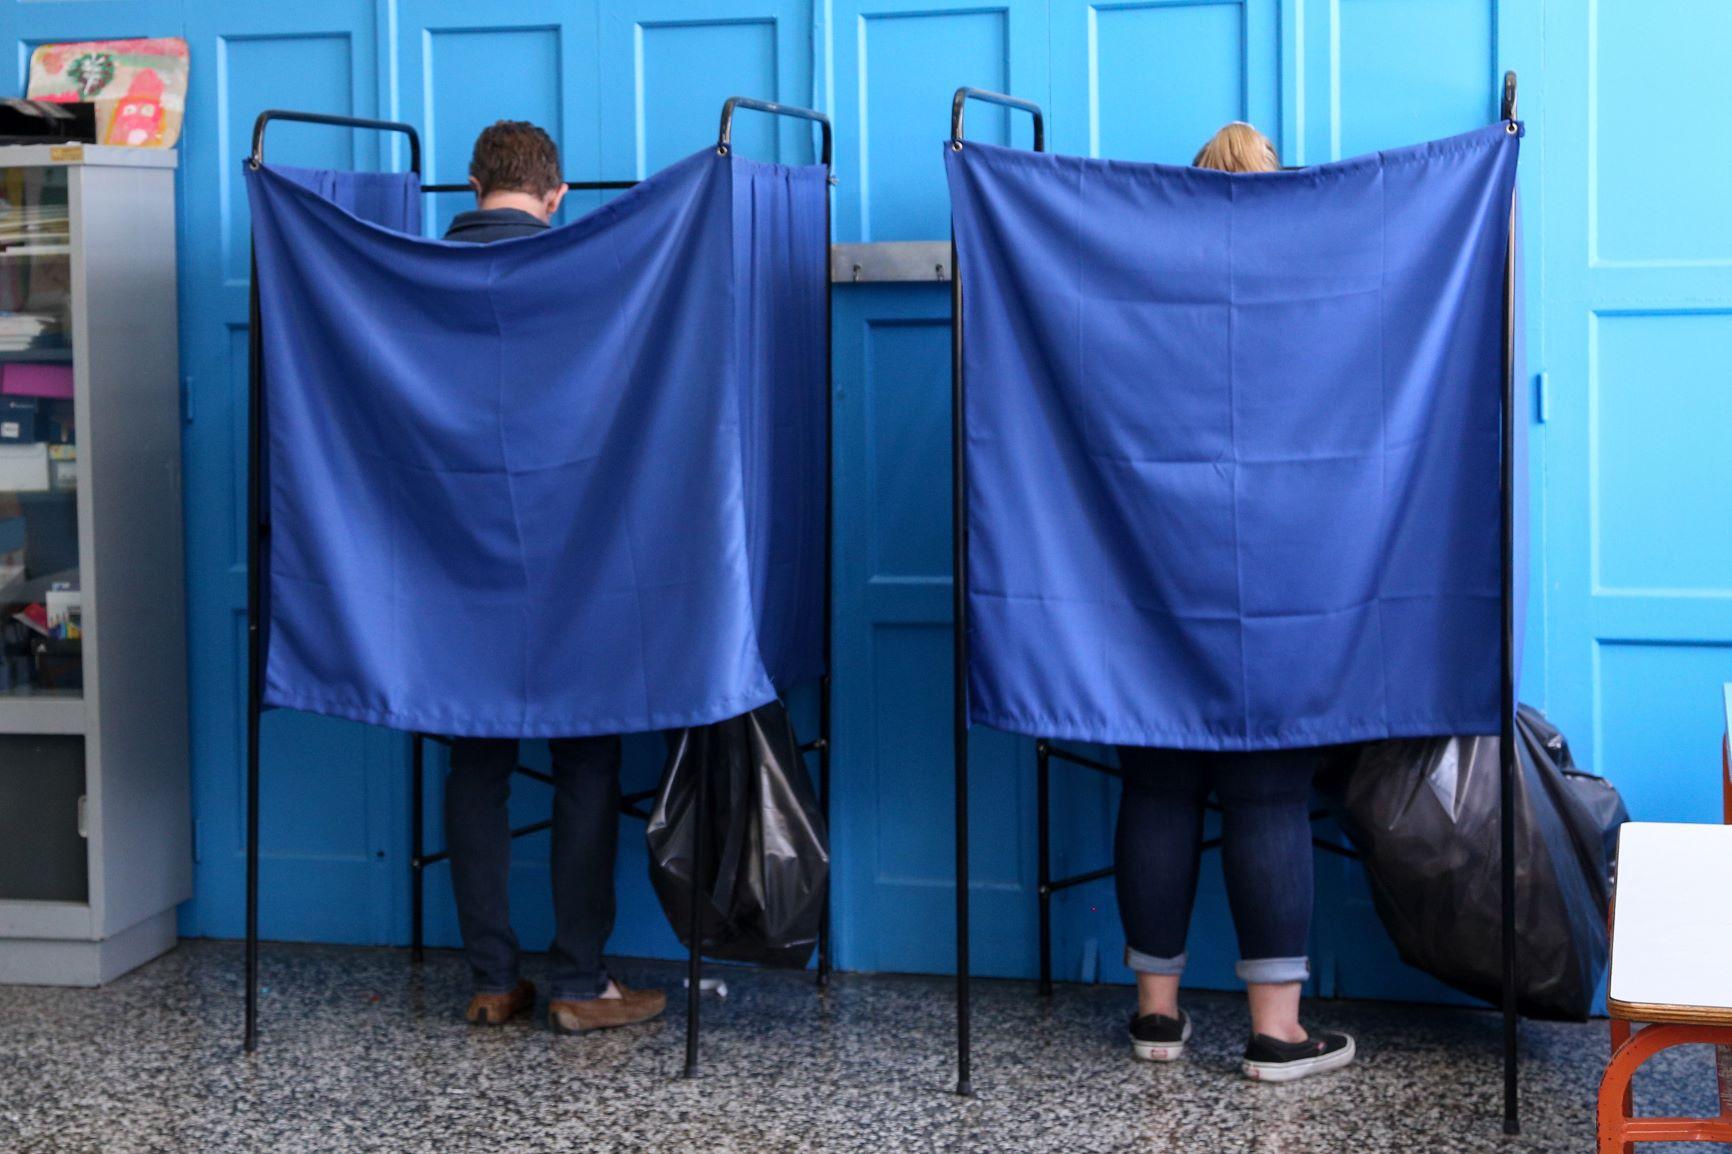 Τι κυρώσεις θα έχουν όσοι δεν ψηφίσουν στις εκλογές;